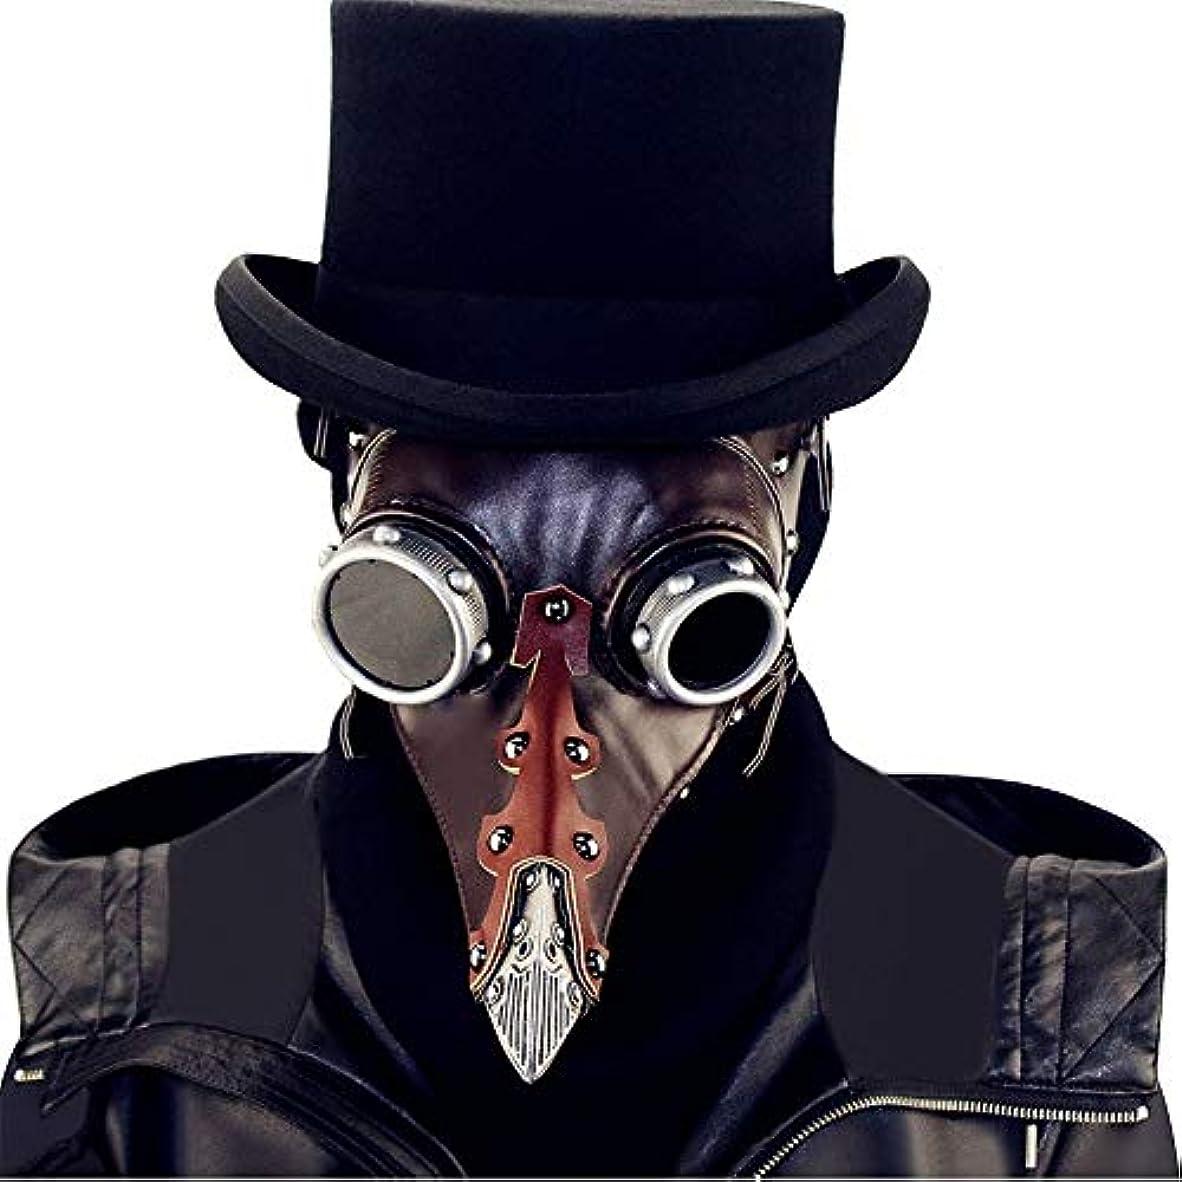 権威誇張するペストリースチームパンクなハロウィーンペストビークドクターマスク